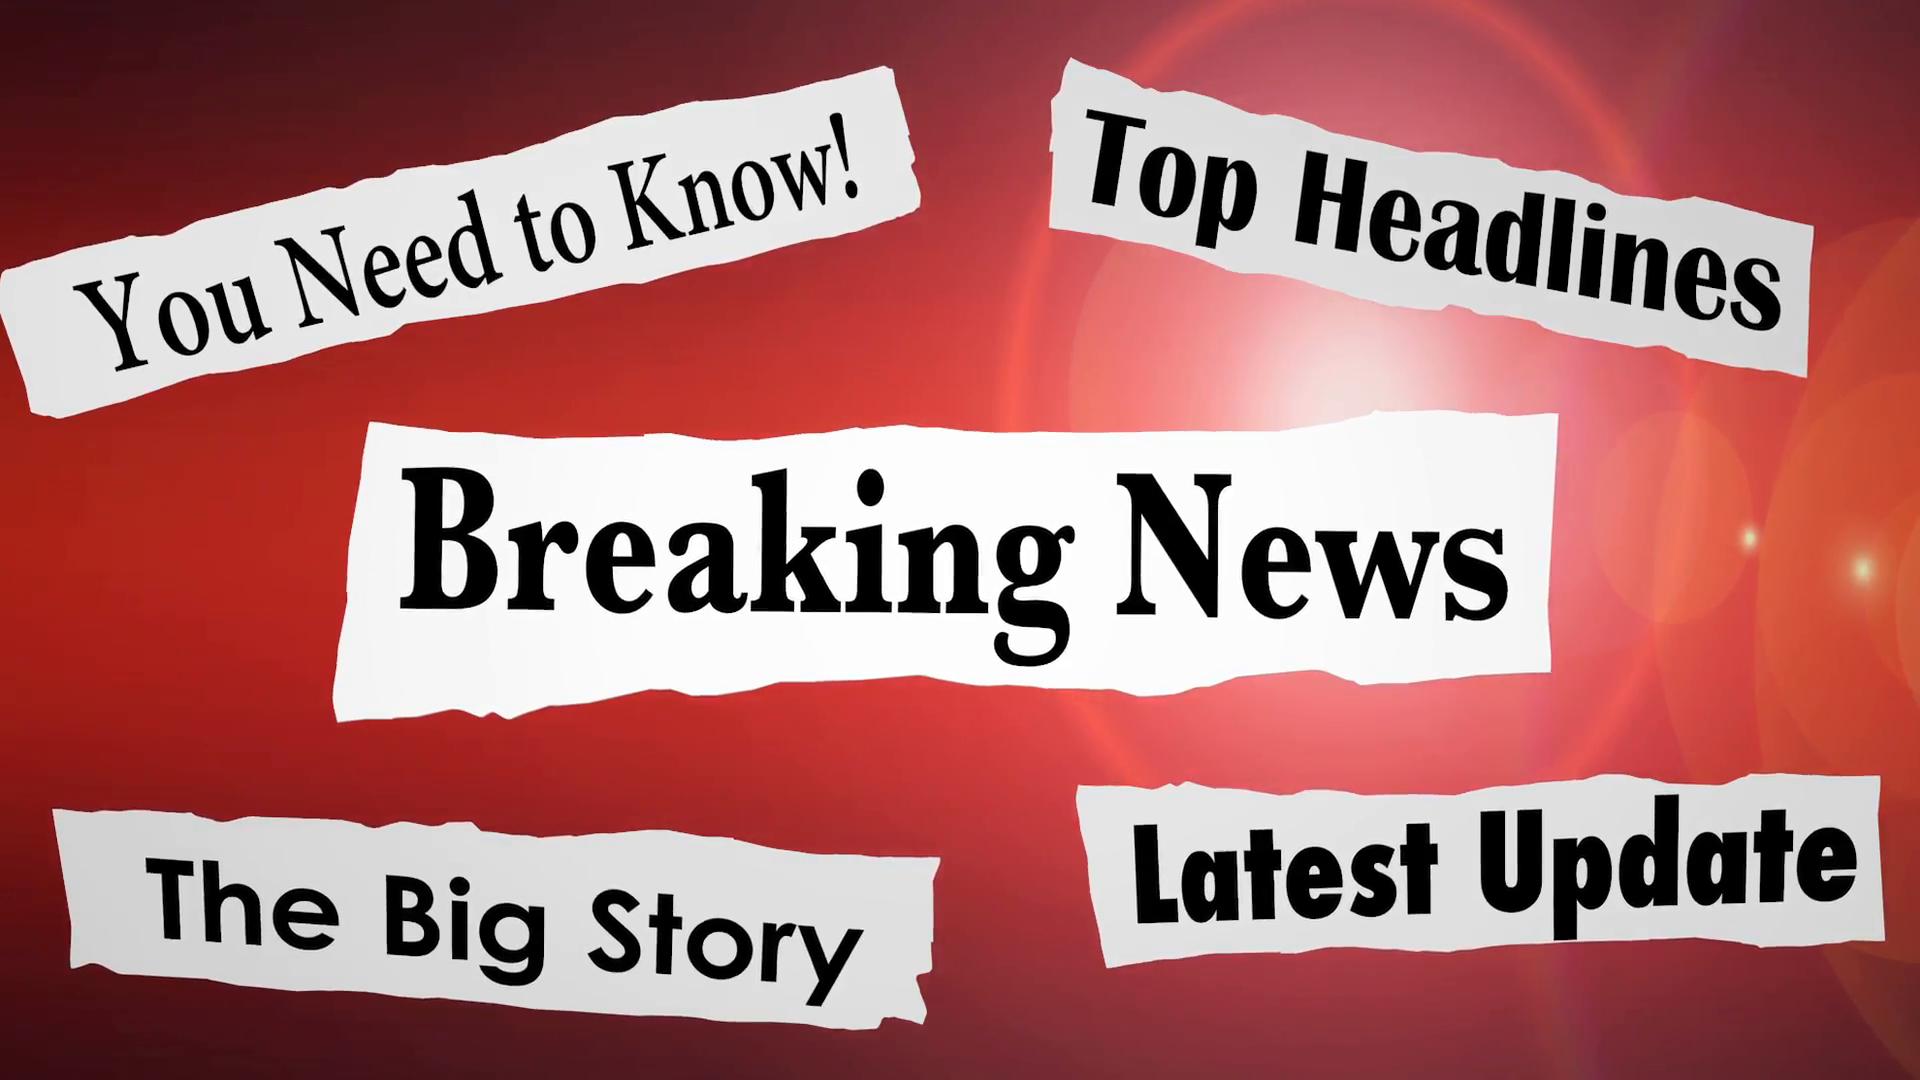 به اهمیت هر خبر فکر کنید